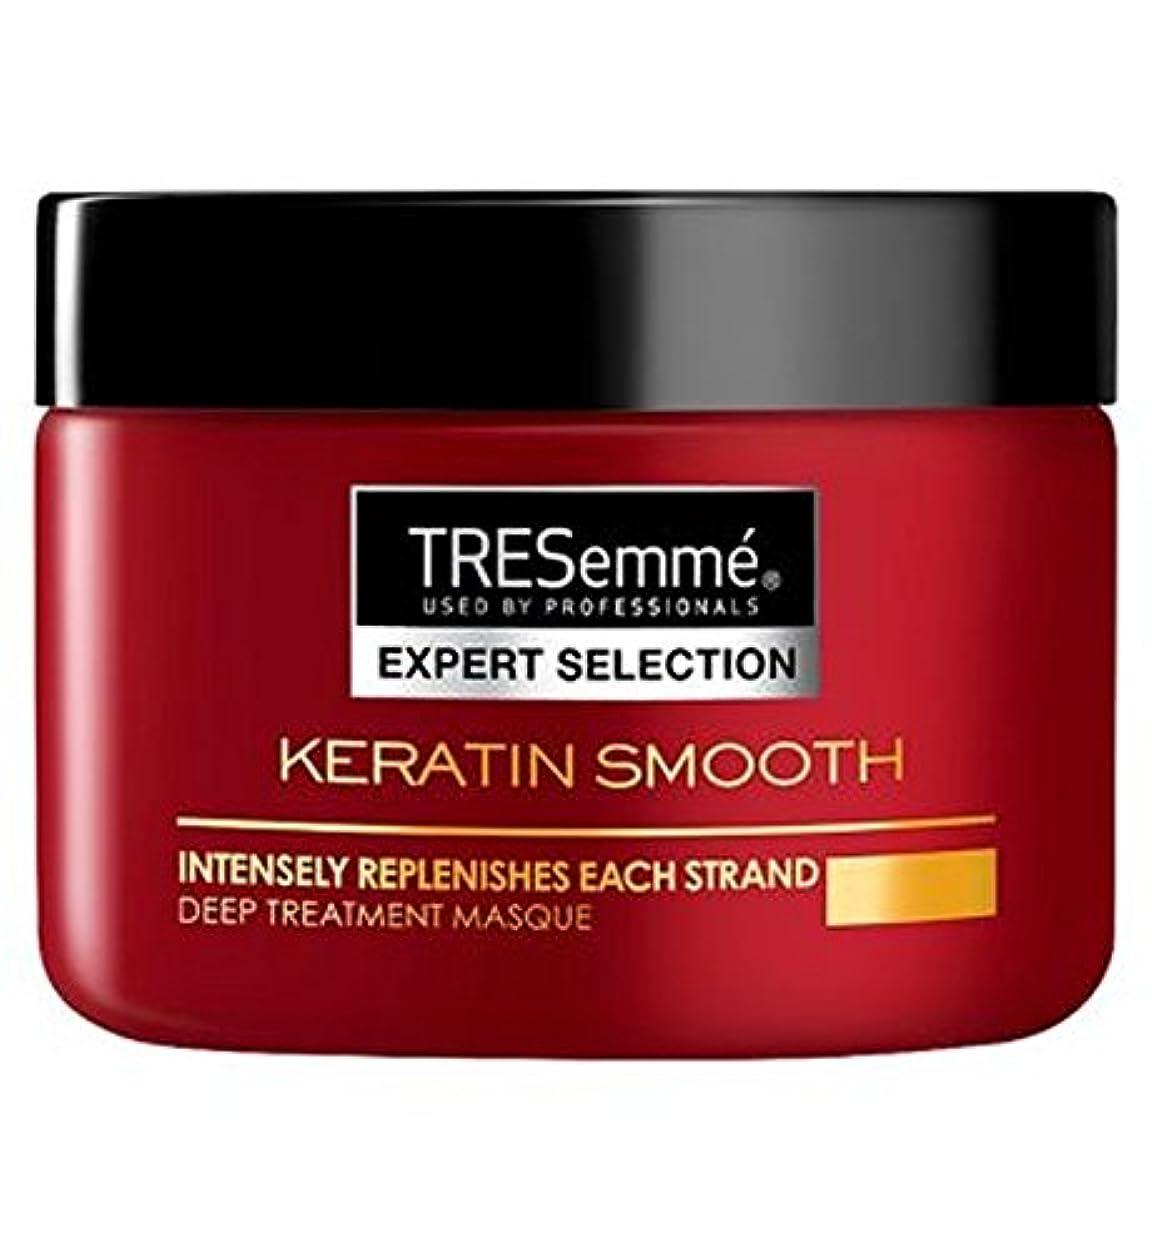 確かにシーフード茎Tresemmeケラチン滑らかな深い治療の仮面劇の300ミリリットル (Tresemme) (x2) - Tresemme Keratin Smooth Deep Treatment Masque 300ml (Pack of 2) [並行輸入品]